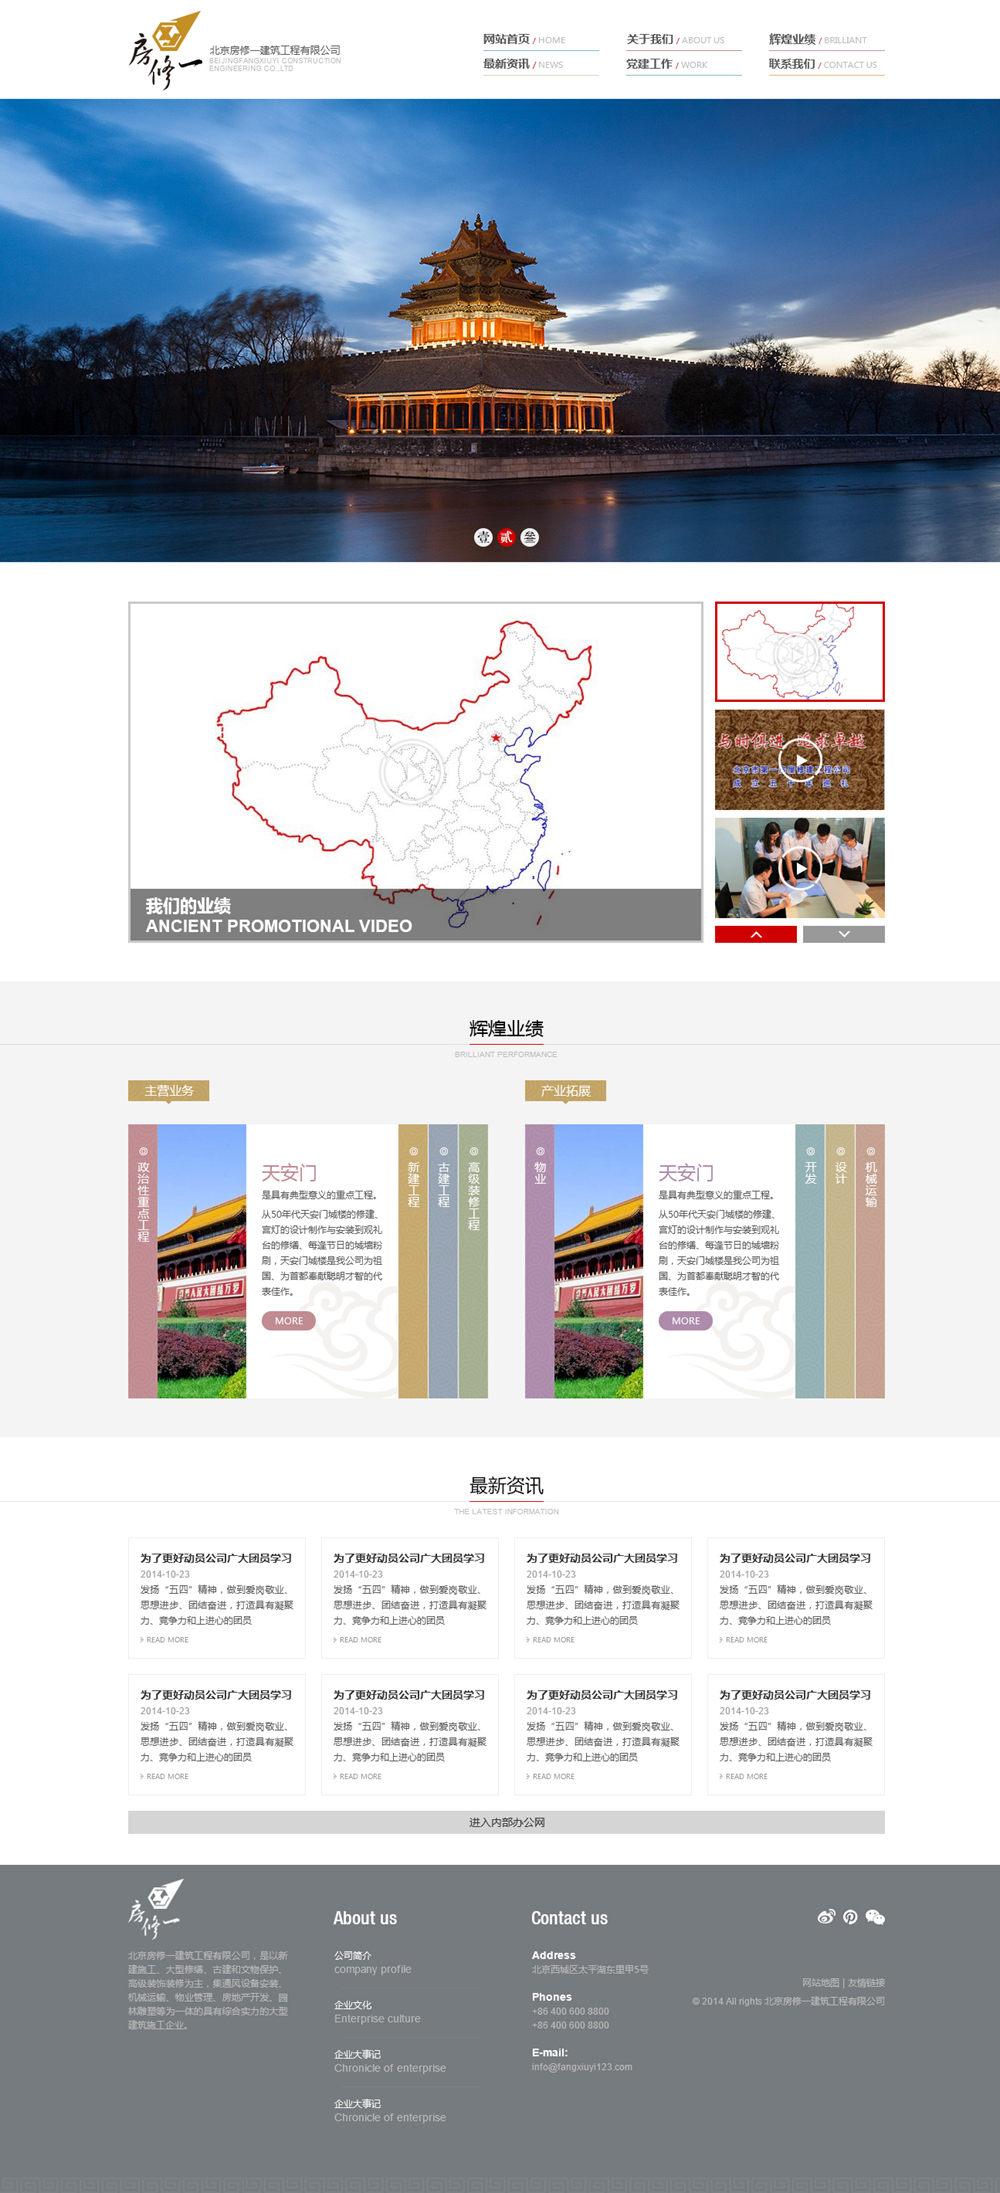 北京房修一建筑工程有限公司